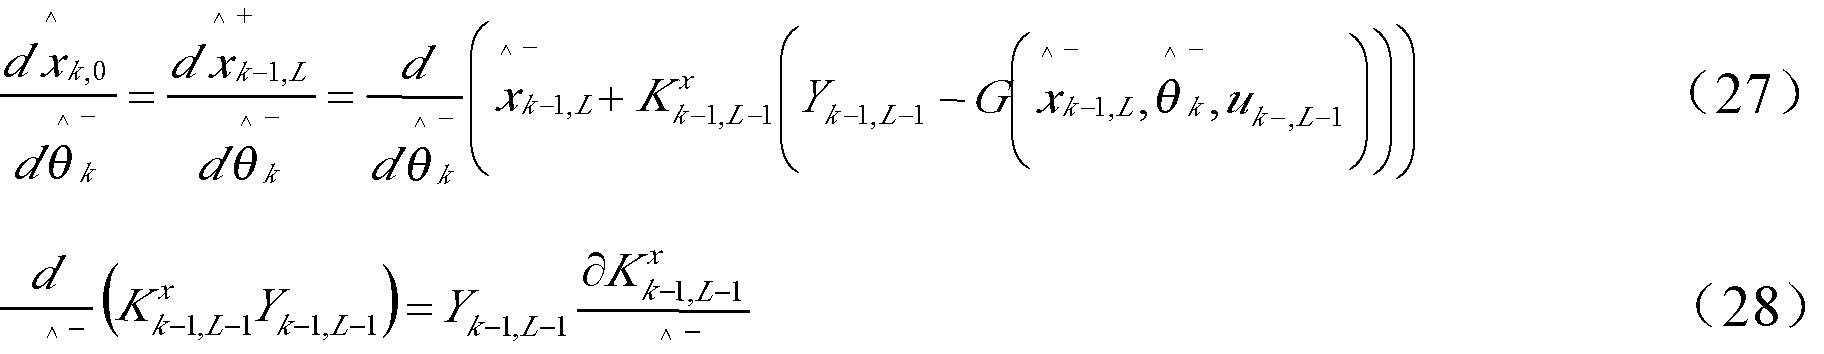 Figure imgf000016_0005